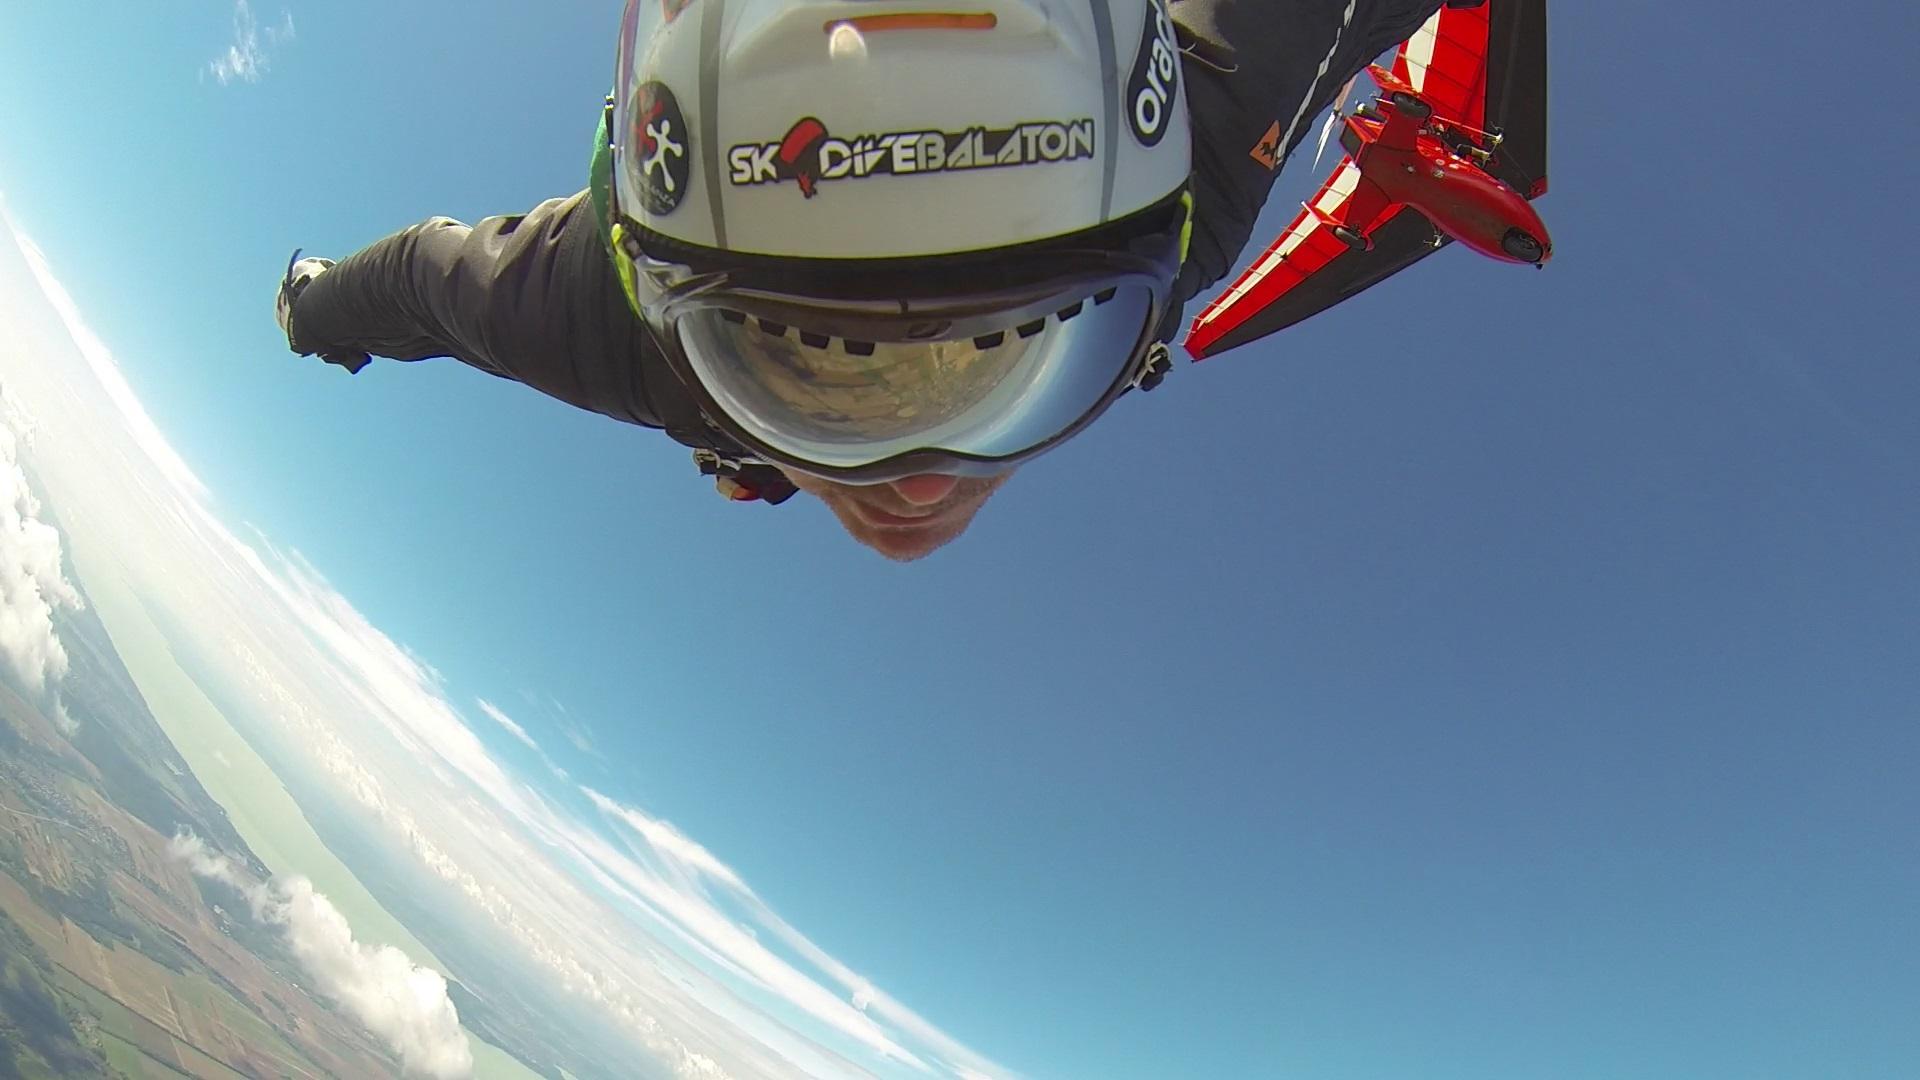 Wingsuit exit